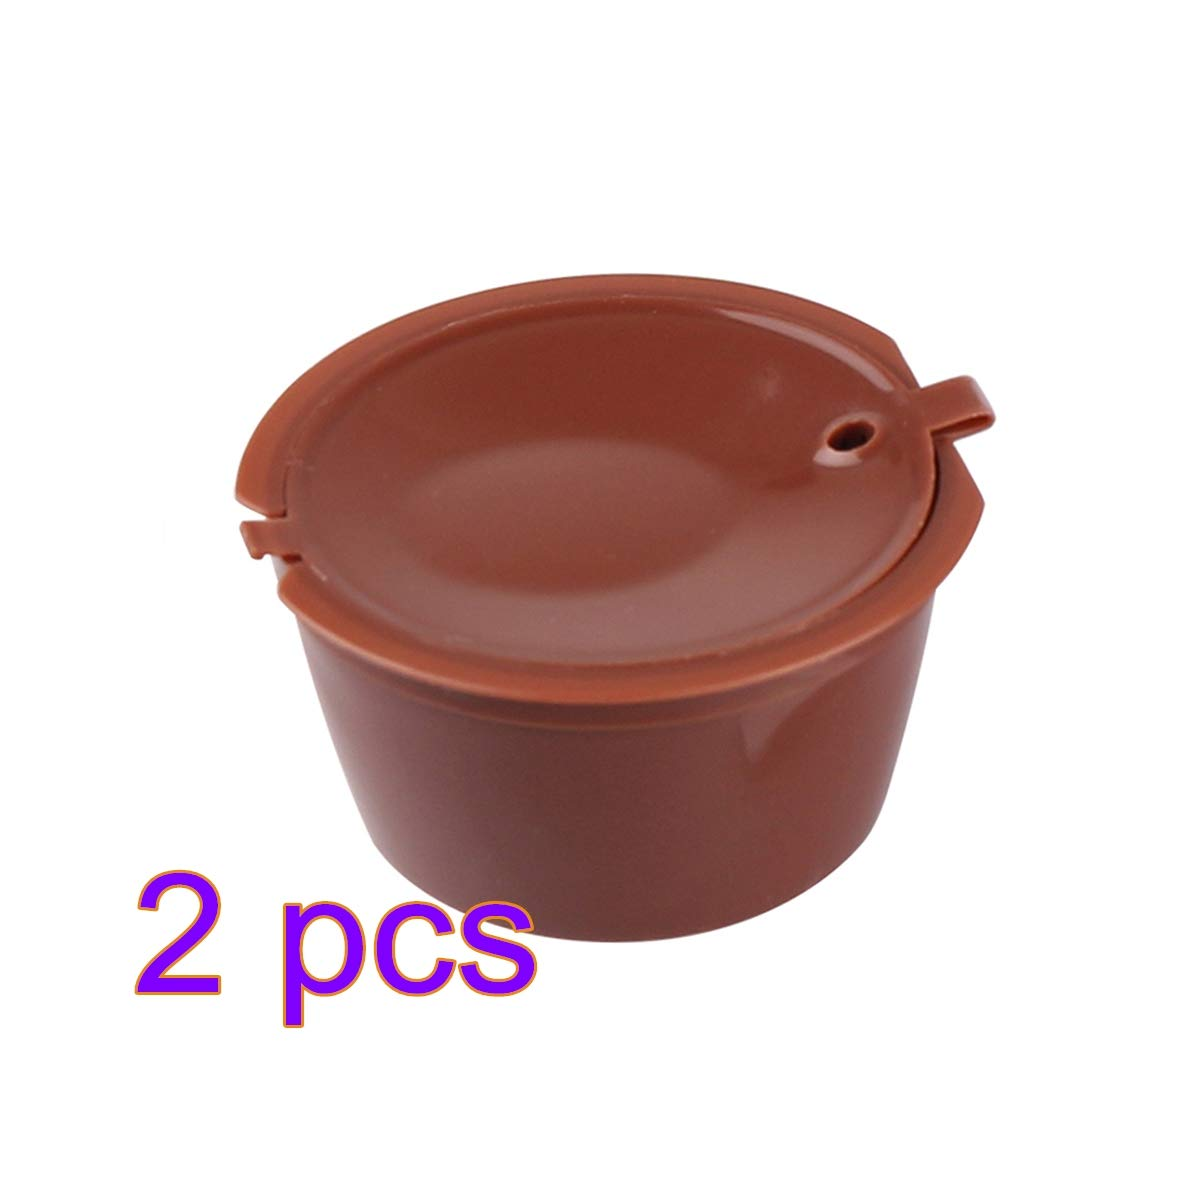 Piccolo Esperta Y Circolo para Caf/éS Prenine C/áPsulas De Caf/é Acero Inoxidable Recargable Y Reutilizable Dolce Gusto Compatible con Nescafe Genio Paquete De 2